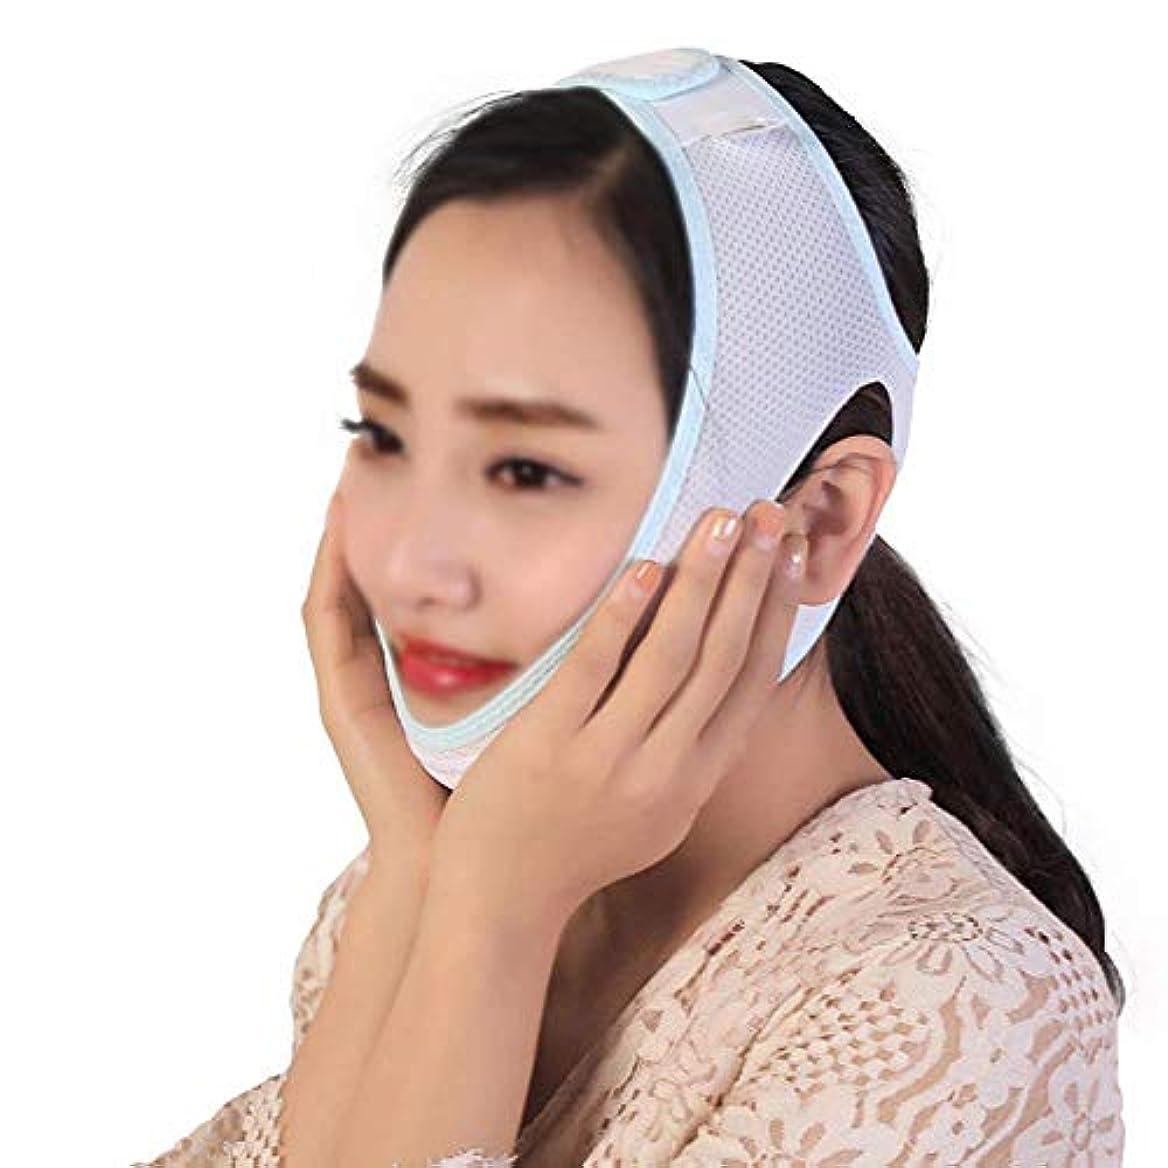 骨の折れる話をするはぁファーミングフェイスマスク、スモールVフェイスアーティファクトリフティングフェイスプラスチックフェイスマスクコンフォートアップグレード最適化フェイスカーブの向上包括的な 包帯(サイズ:L),M